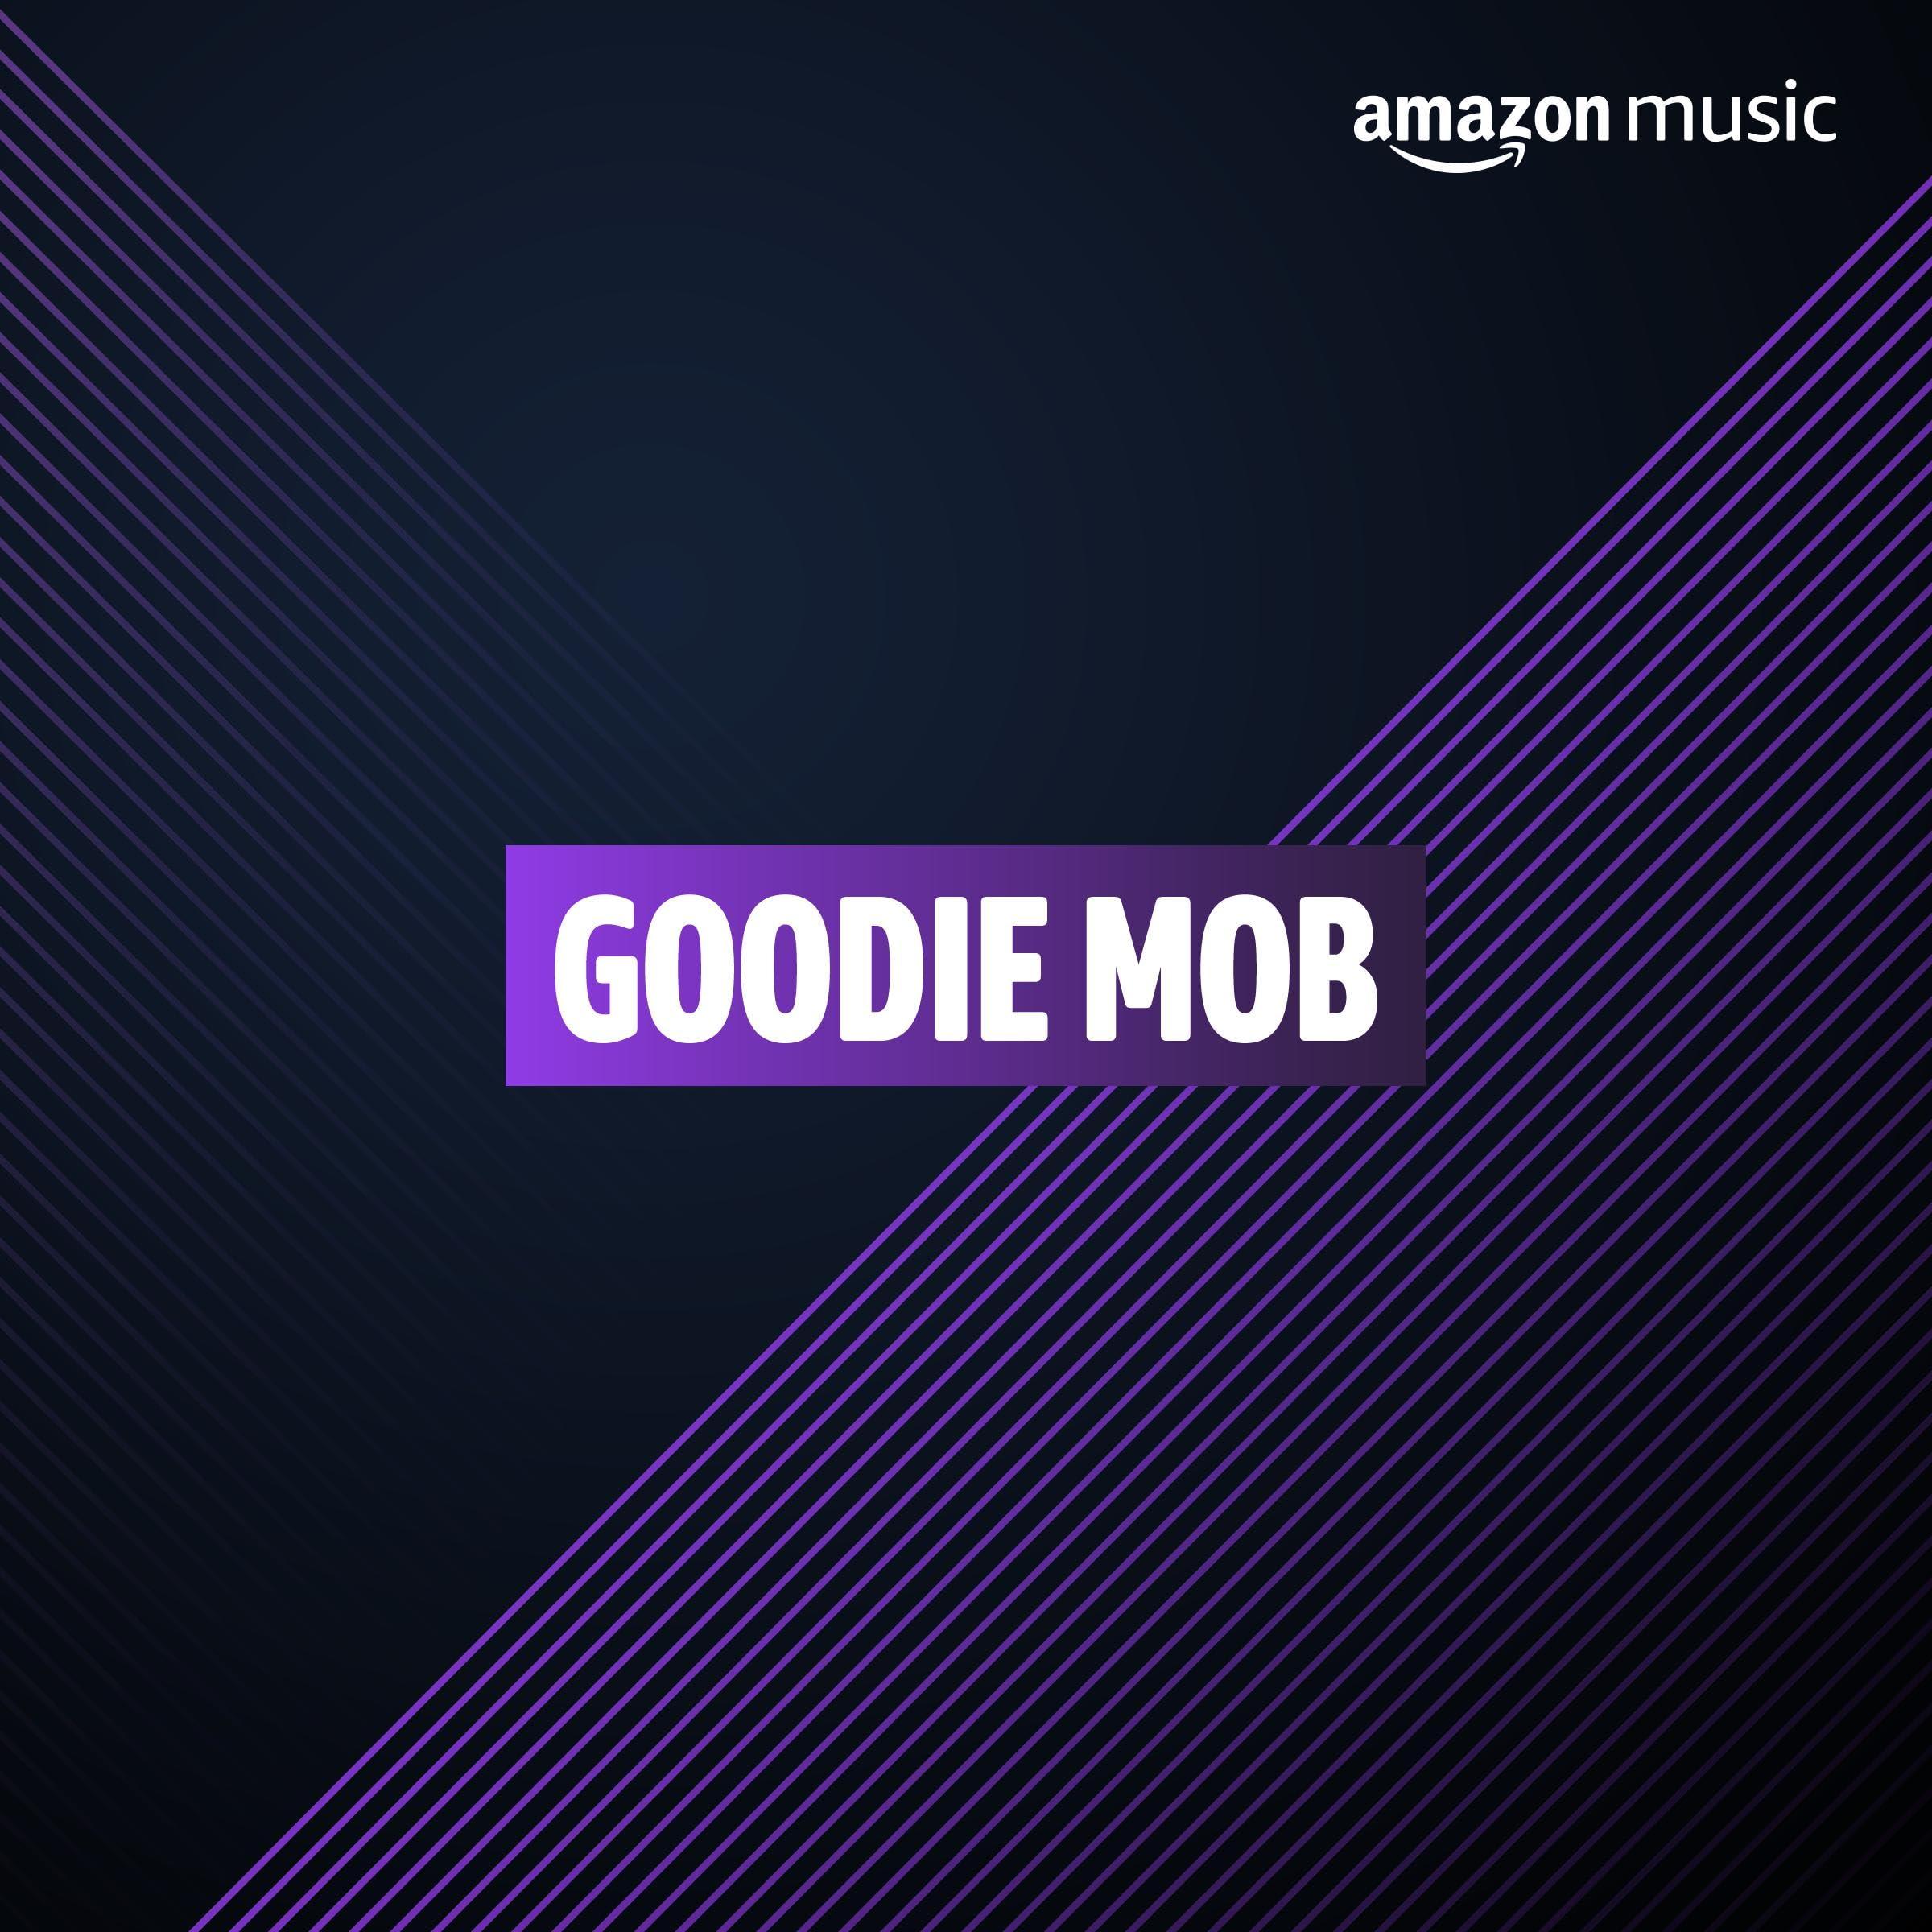 Goodie Mob